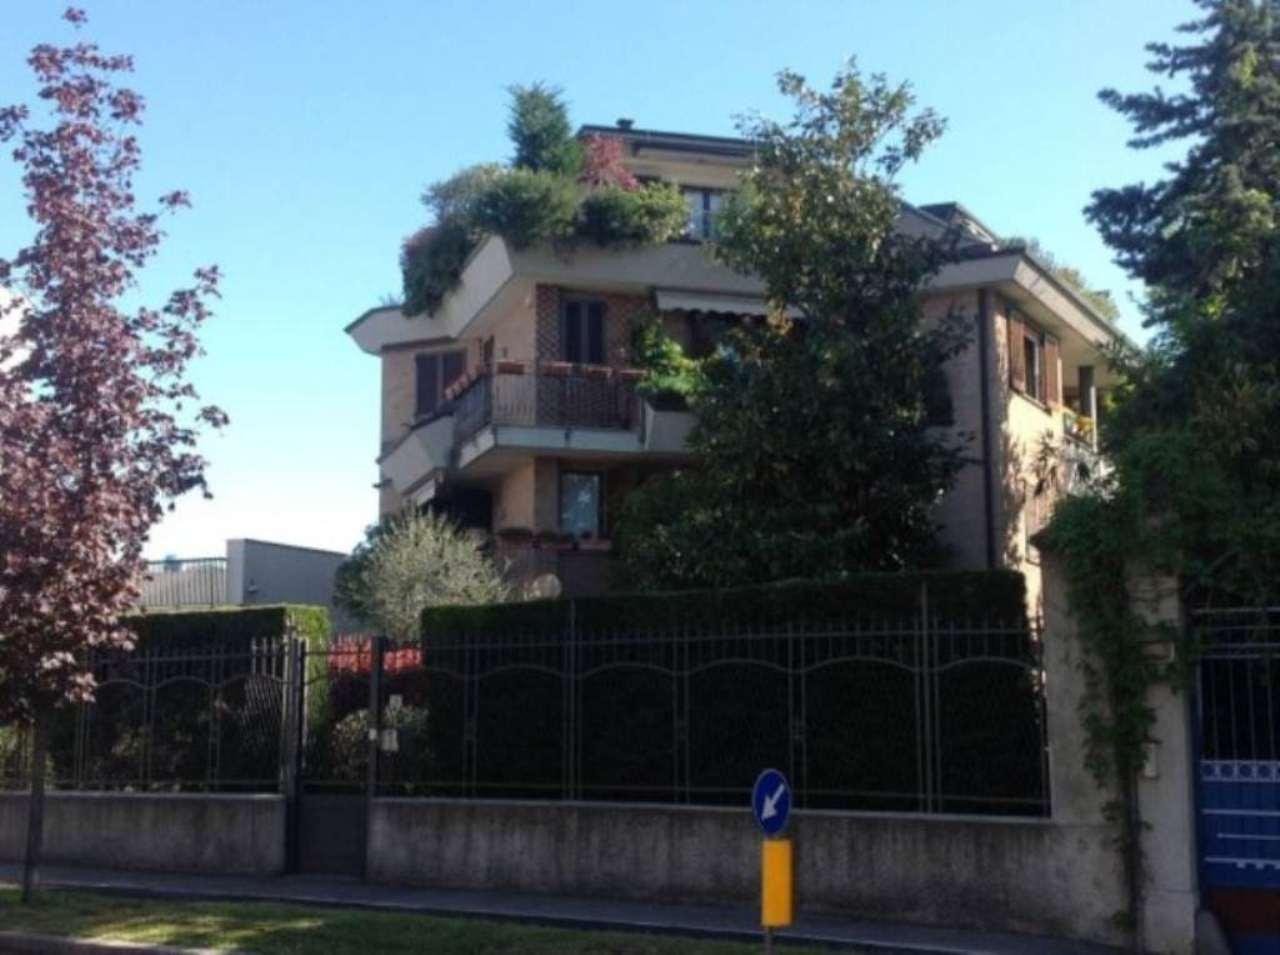 Attico / Mansarda in vendita a Busto Arsizio, 2 locali, prezzo € 115.000 | Cambio Casa.it